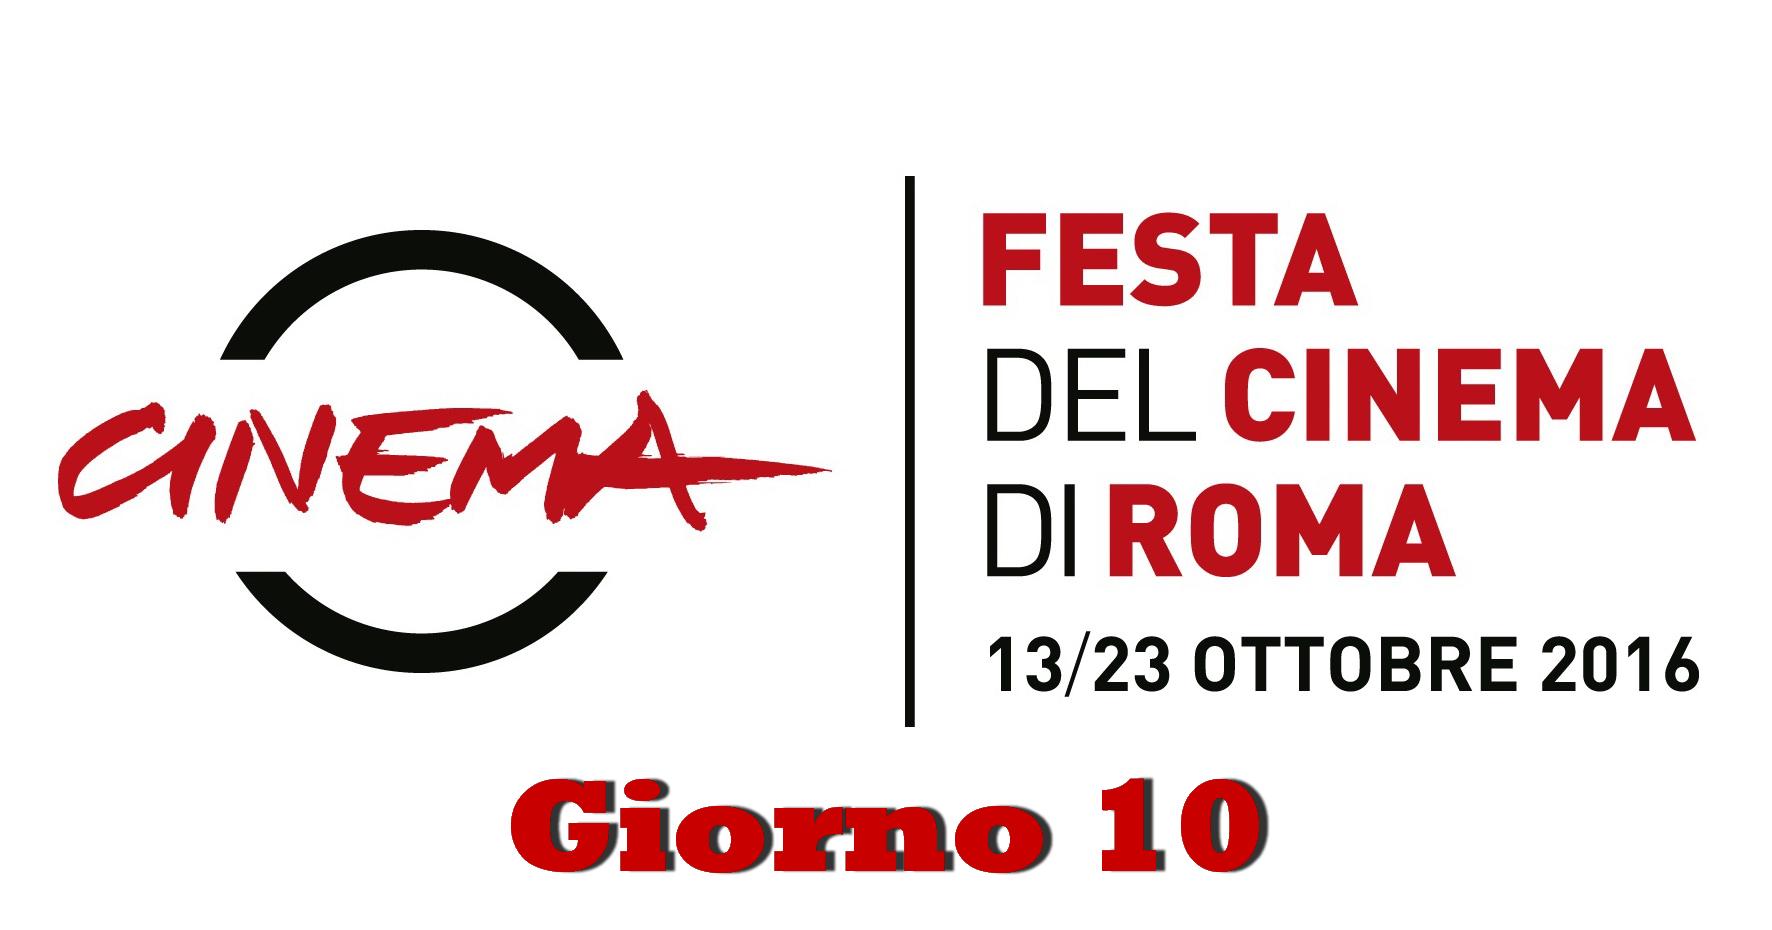 Si è conclusa anche la penultima giornata della Festa del Cinema di Roma, all'Auditorium Parco della Musica. Partiamo innanzitutto dall'annuncio del film che ha vinto questa 11a edizione della Festa […]